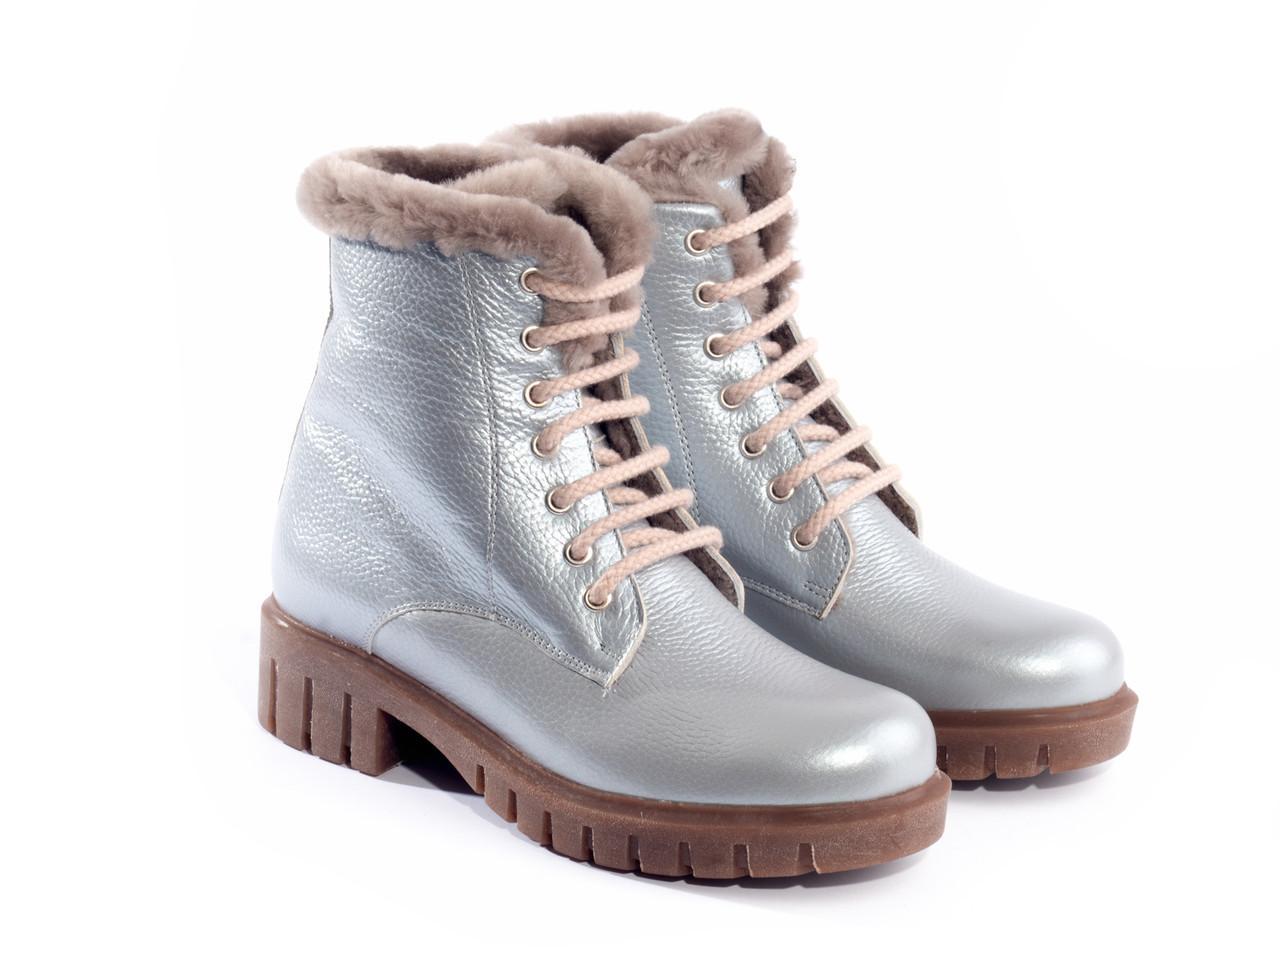 Ботинки Etor 6623-21554-13453 37 серые